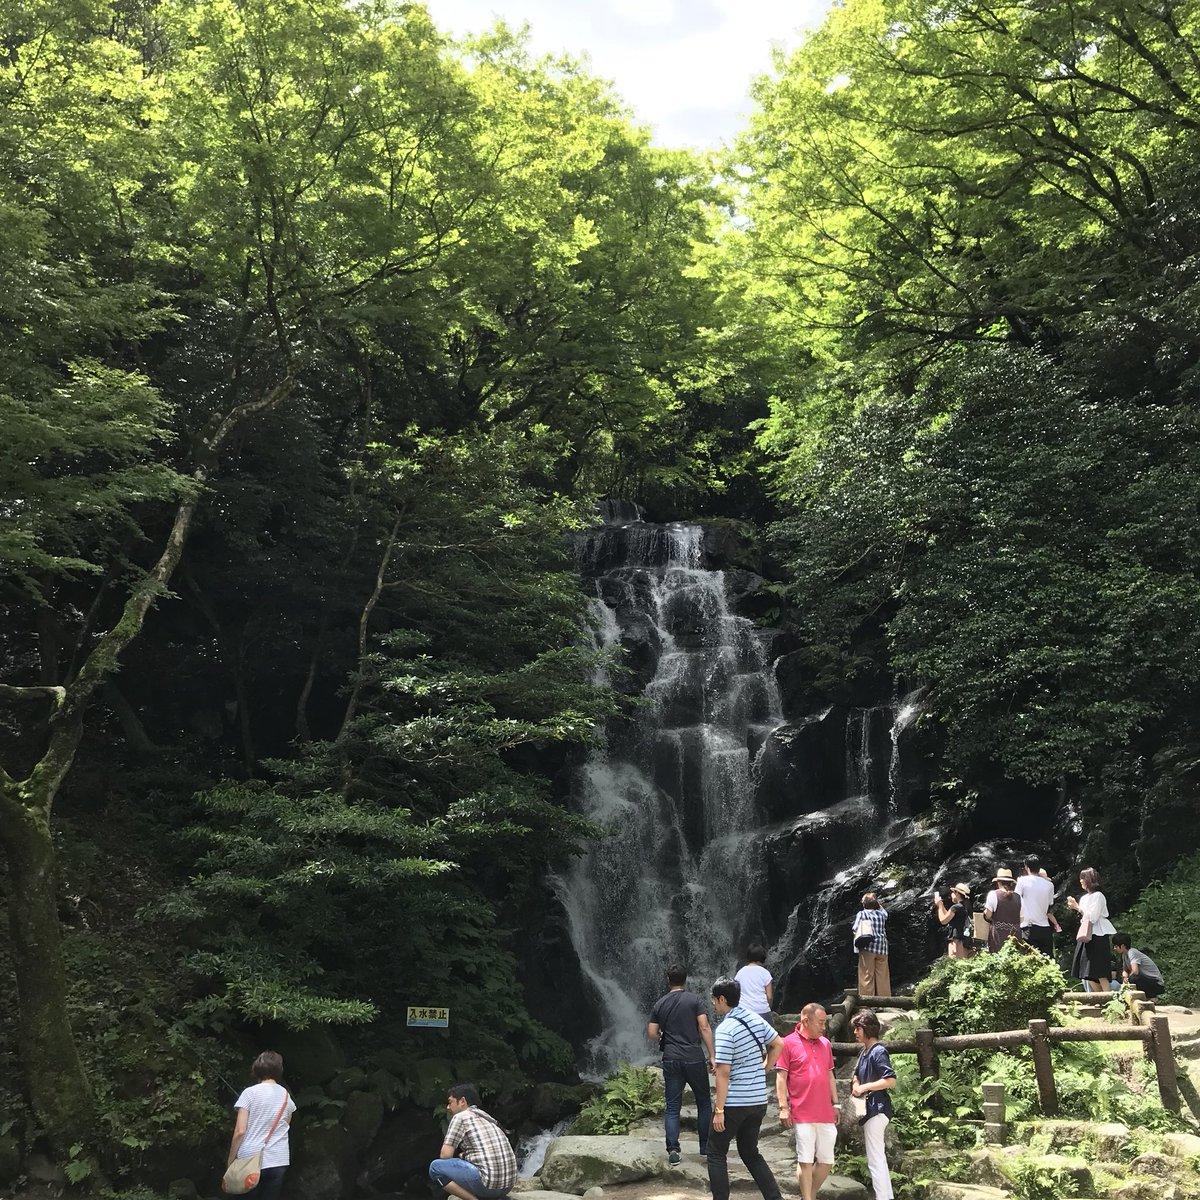 昨日福岡の友だちんちに遊びに行き今日は白糸の滝をみてきました 久々に会えてよかったな〜〜滝はとてもきれいで急に真夏が来てヤマメがキラキラしていた おたくが私しかいなかったのでプリキュアが視聴できませんでした